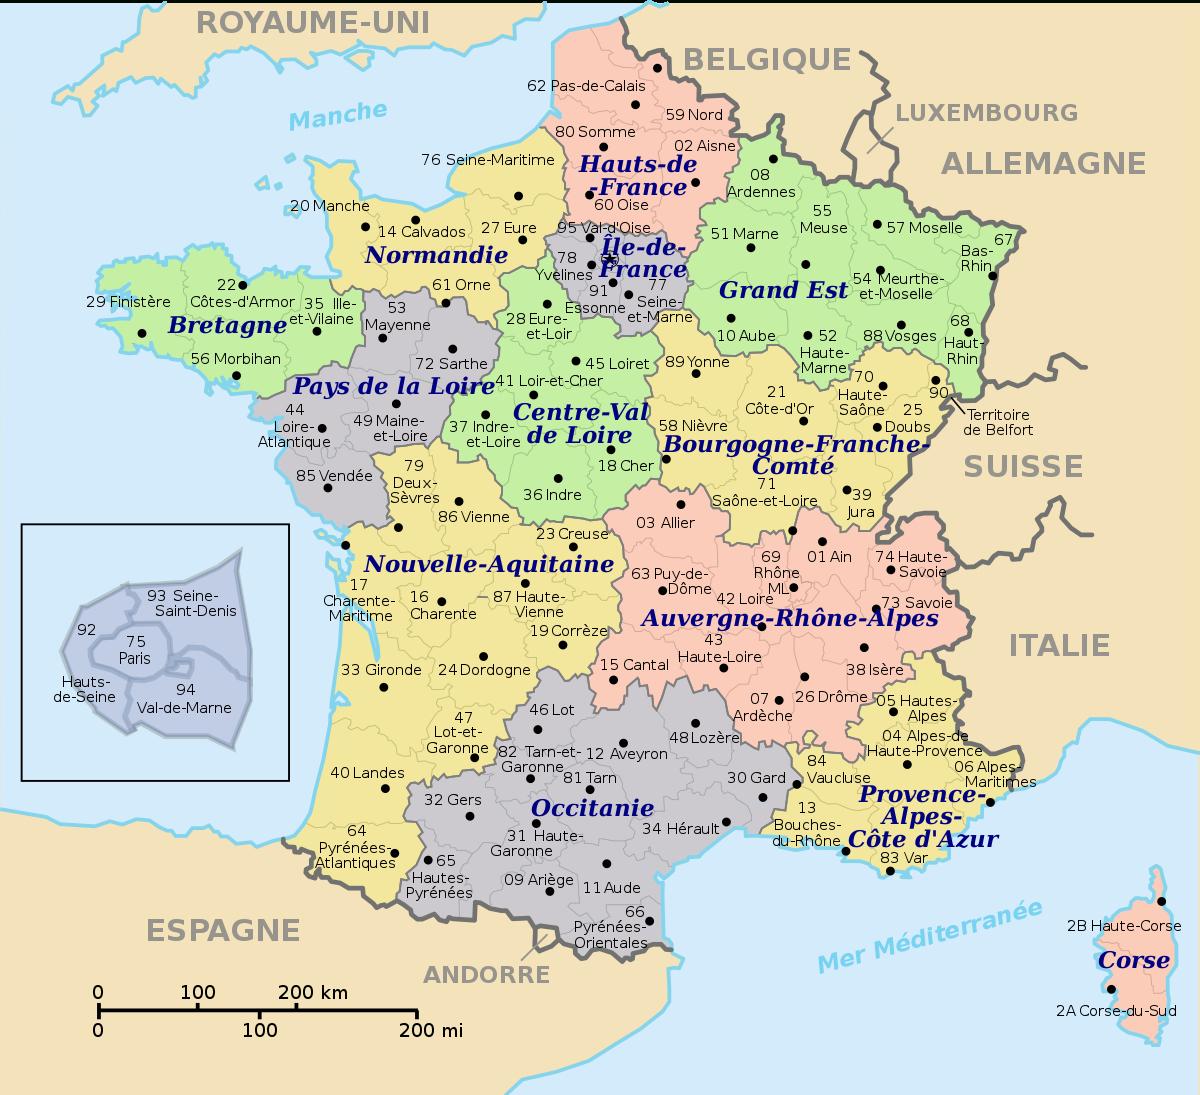 Numérotation Des Départements Français — Wikipédia encequiconcerne Numéro Des Départements